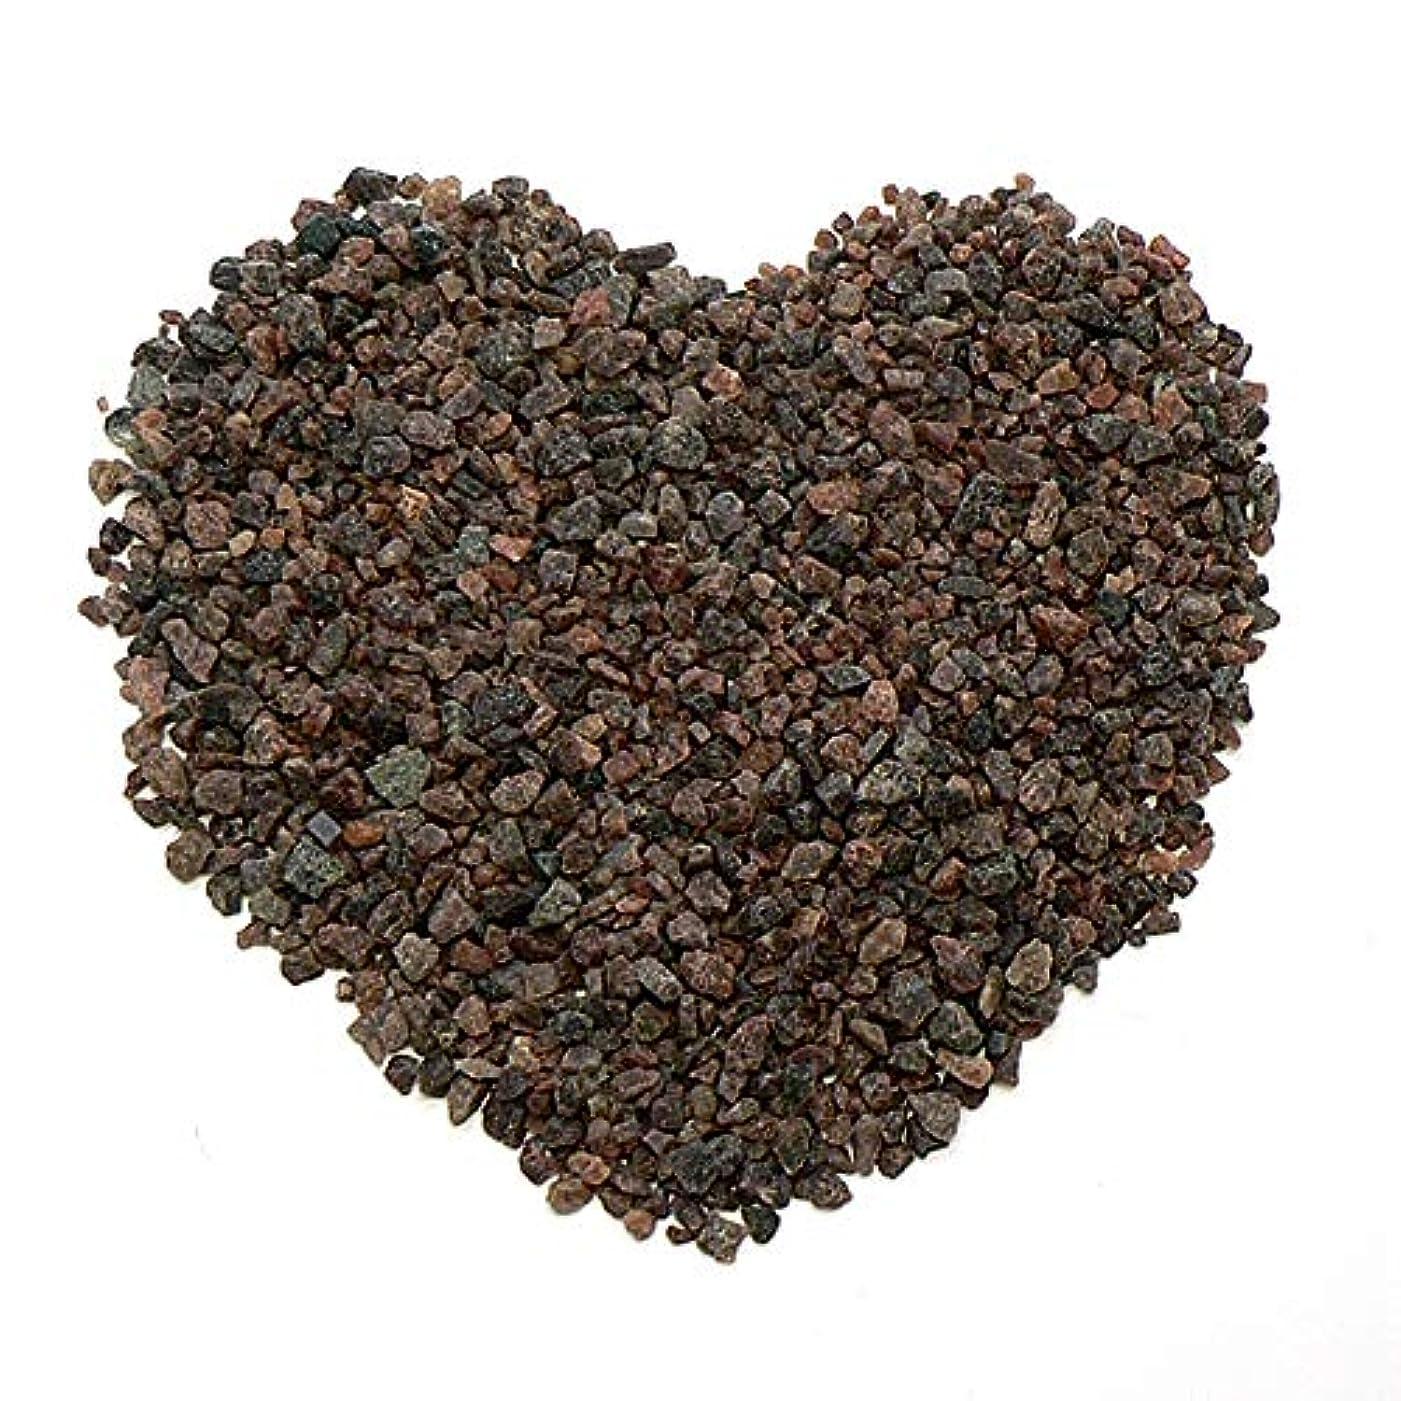 ヒマラヤ岩塩 ブラックソルト 入浴用 バスソルト(小粒)2kg 黒岩塩 ブラック岩塩